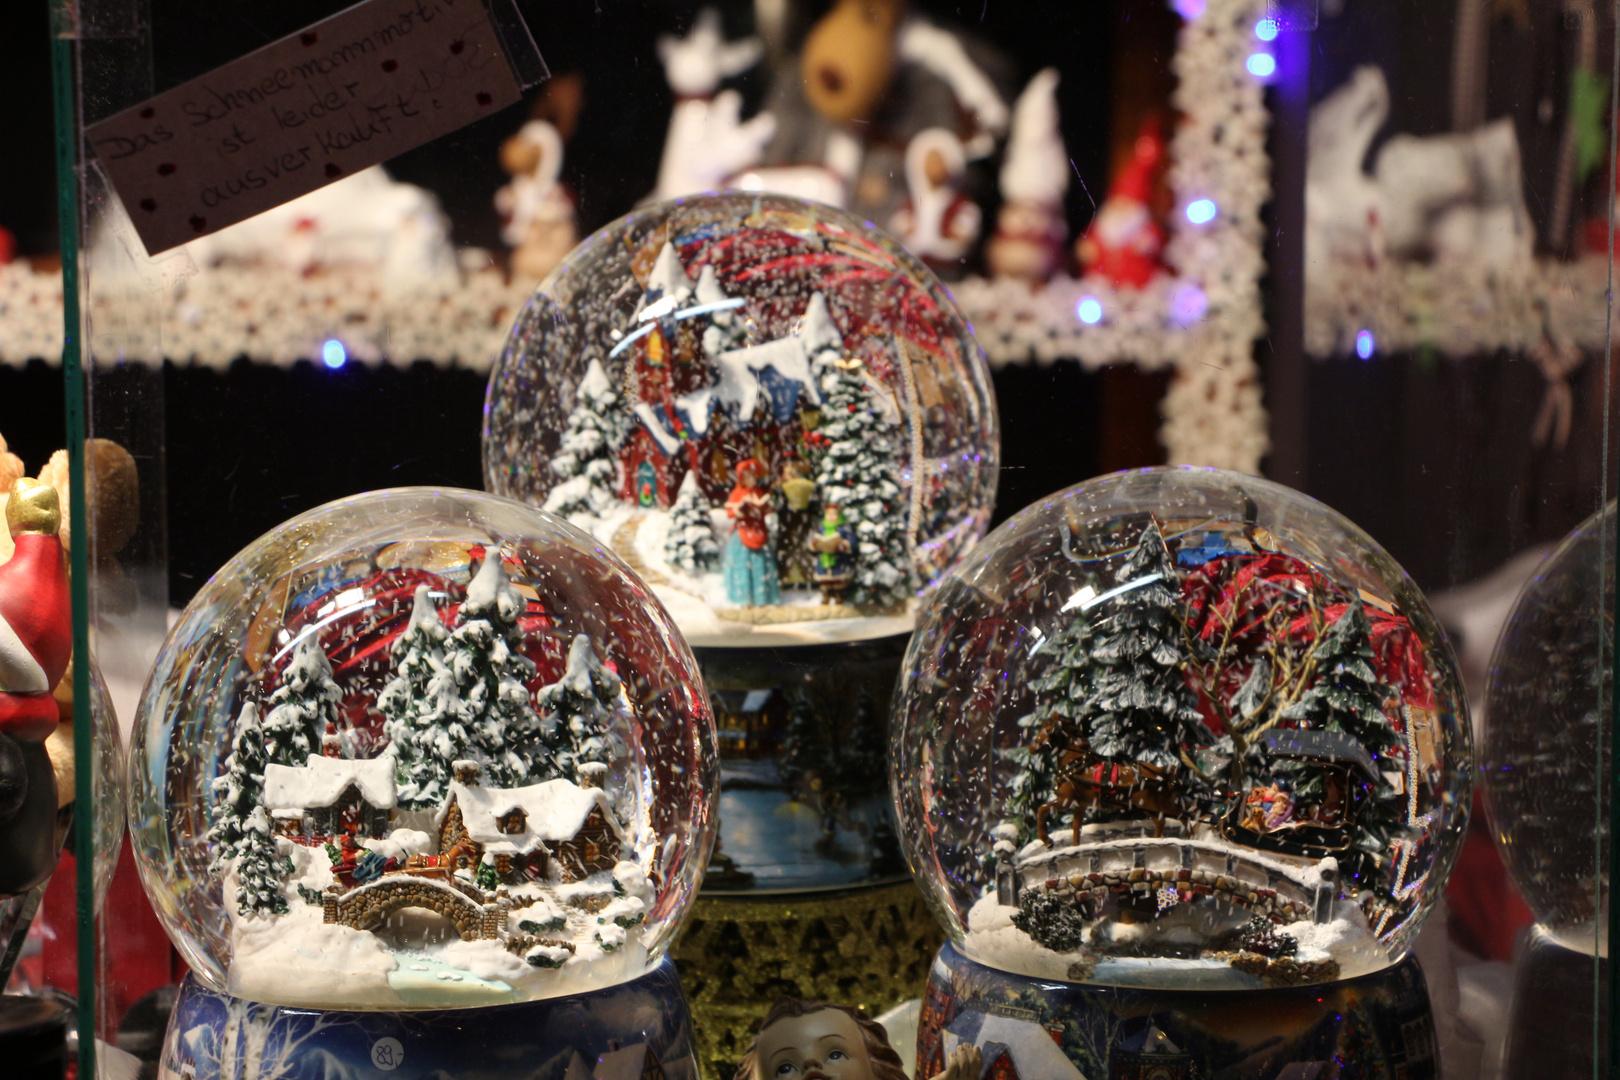 Schneekugeln Foto & Bild   gratulation und feiertage, weihnachten ...